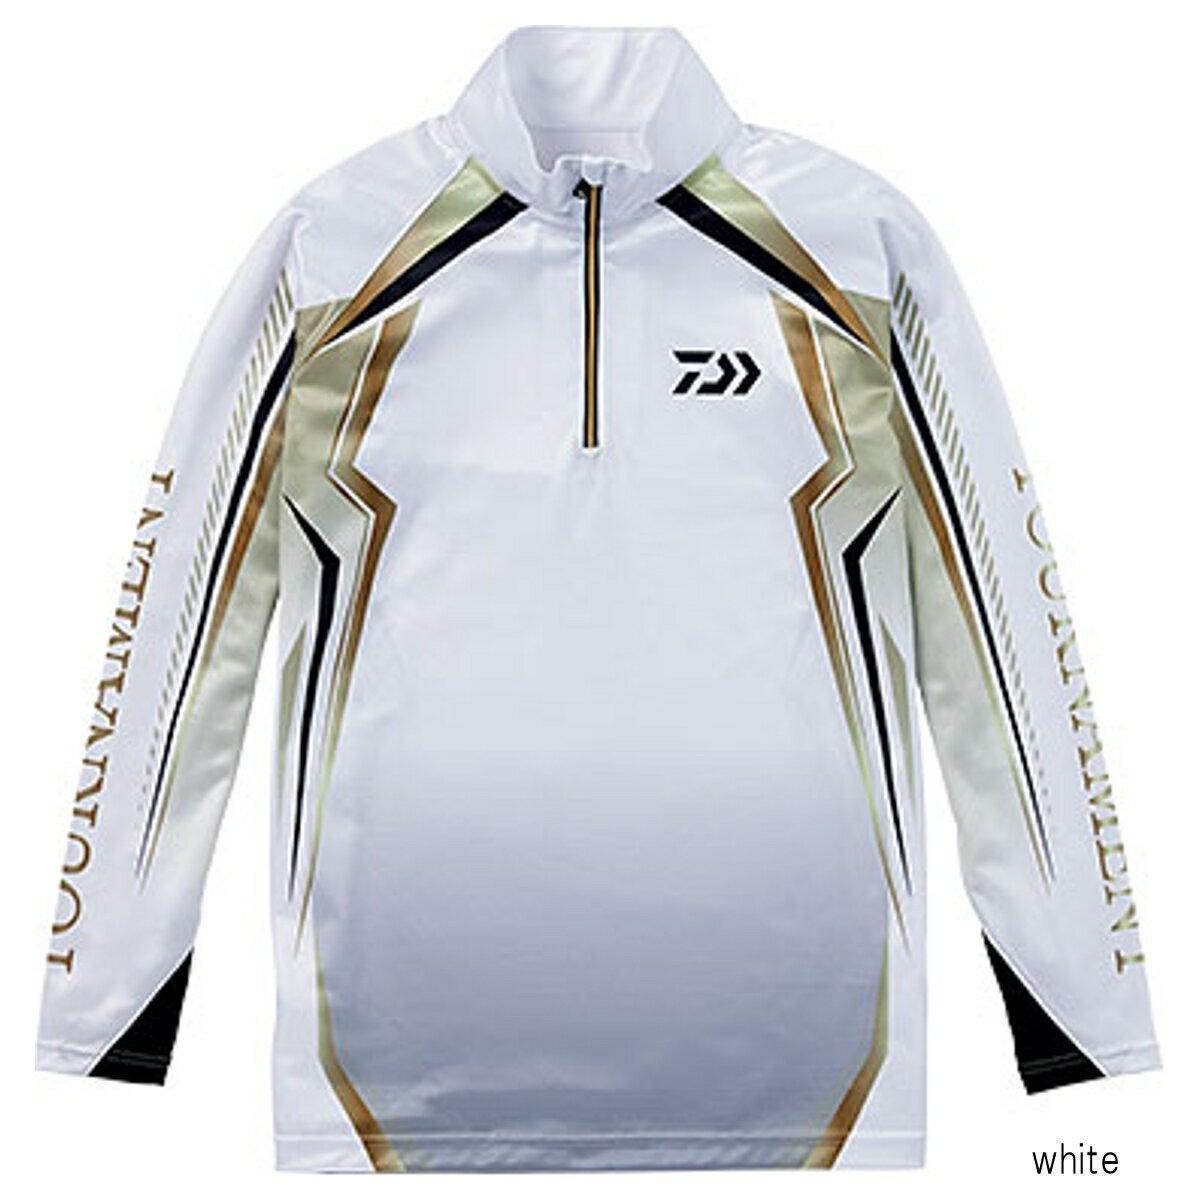 ダイワ トーナメント ドライシャツ DE-77008T 2XL white【送料無料】